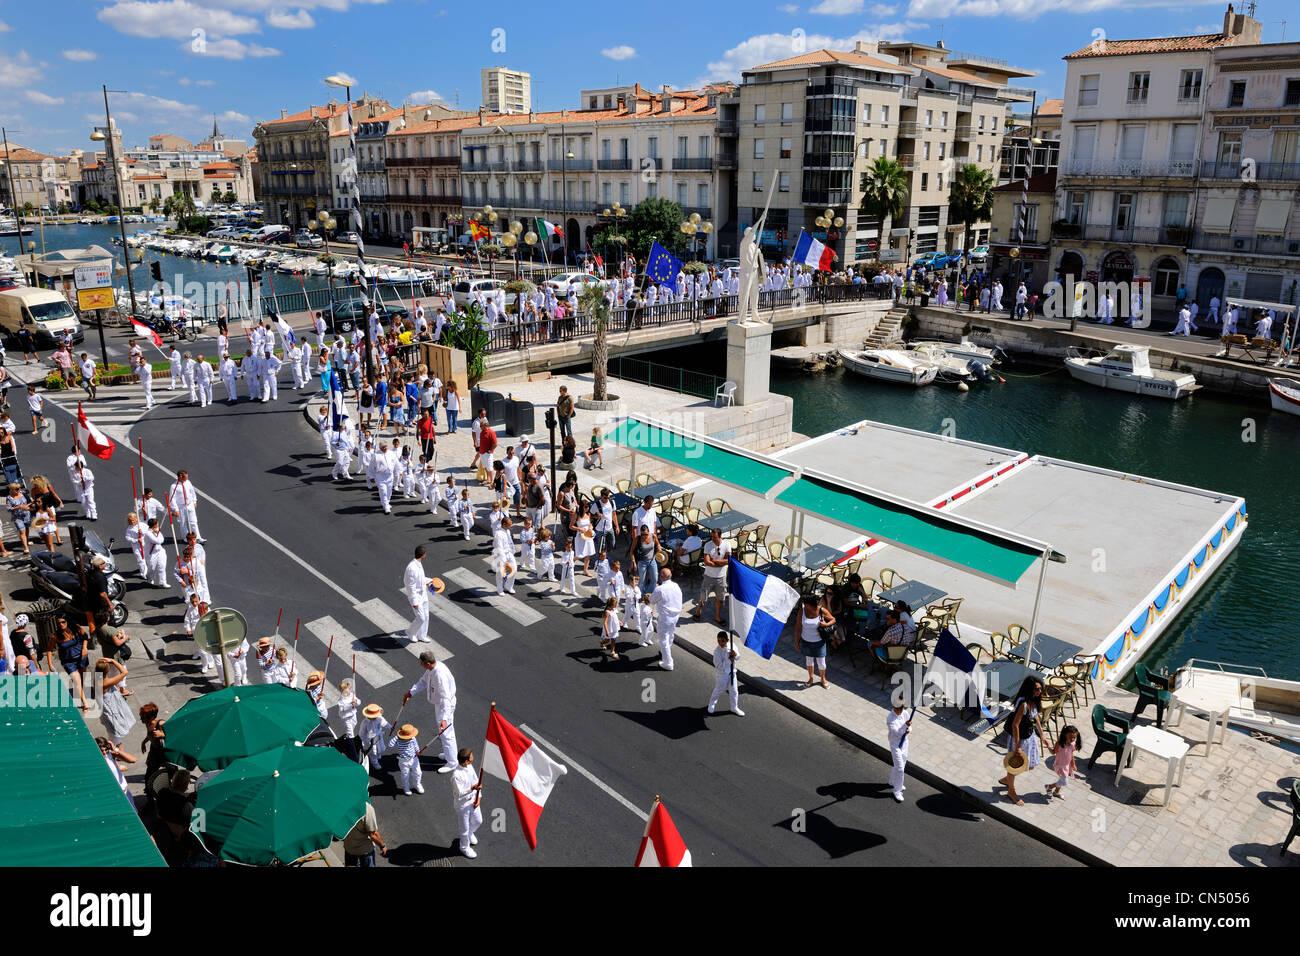 France, Herault, Sete, Fete de la Saint Louis (St Louis's feast), parade of the water jousters - Stock Image